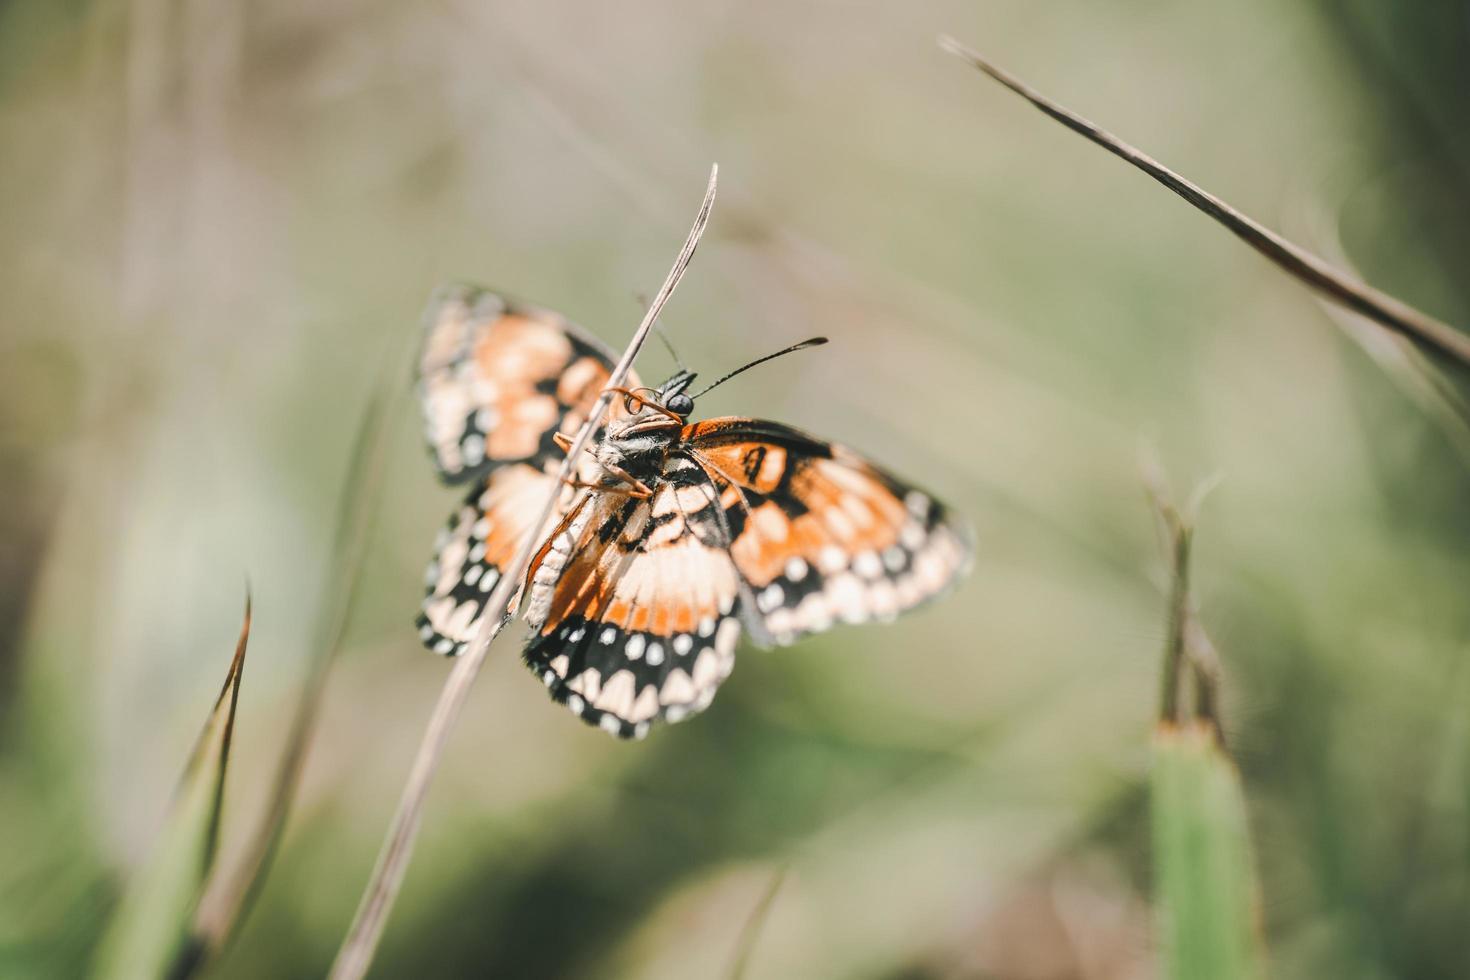 brauner weißer und schwarzer Schmetterling auf Pflanze foto